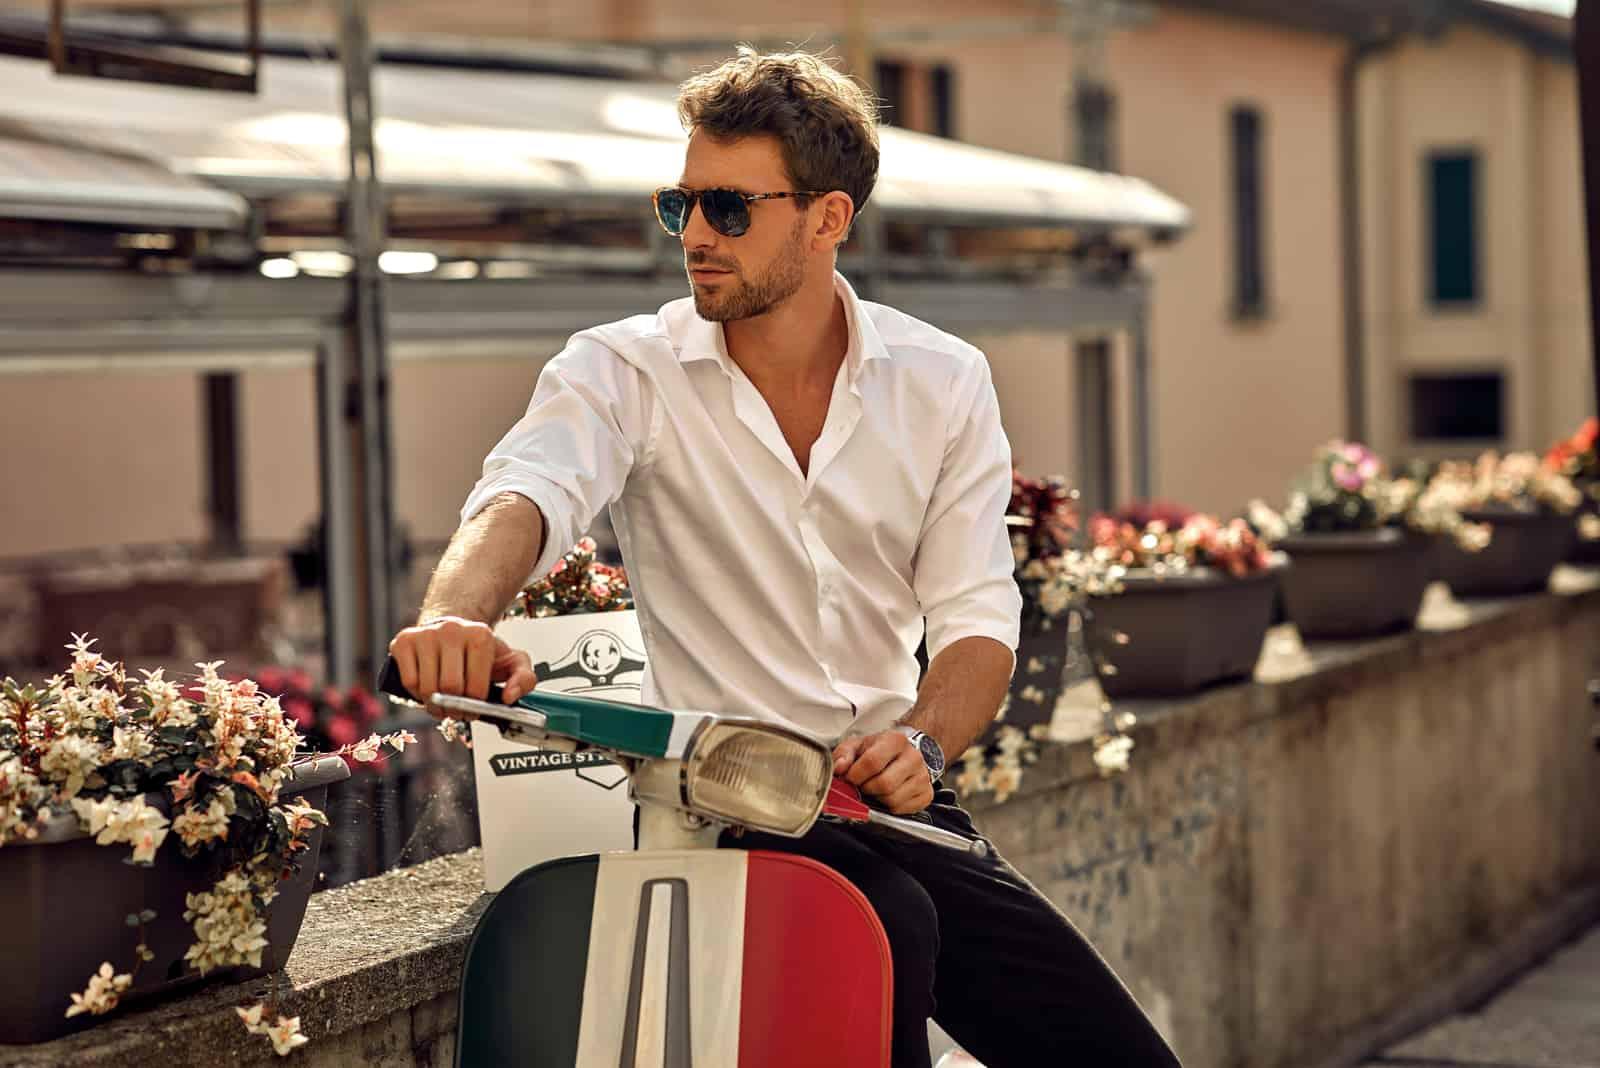 italienischer Mann, der weißes Hemd trägt und auf klassischem Roller sitzt